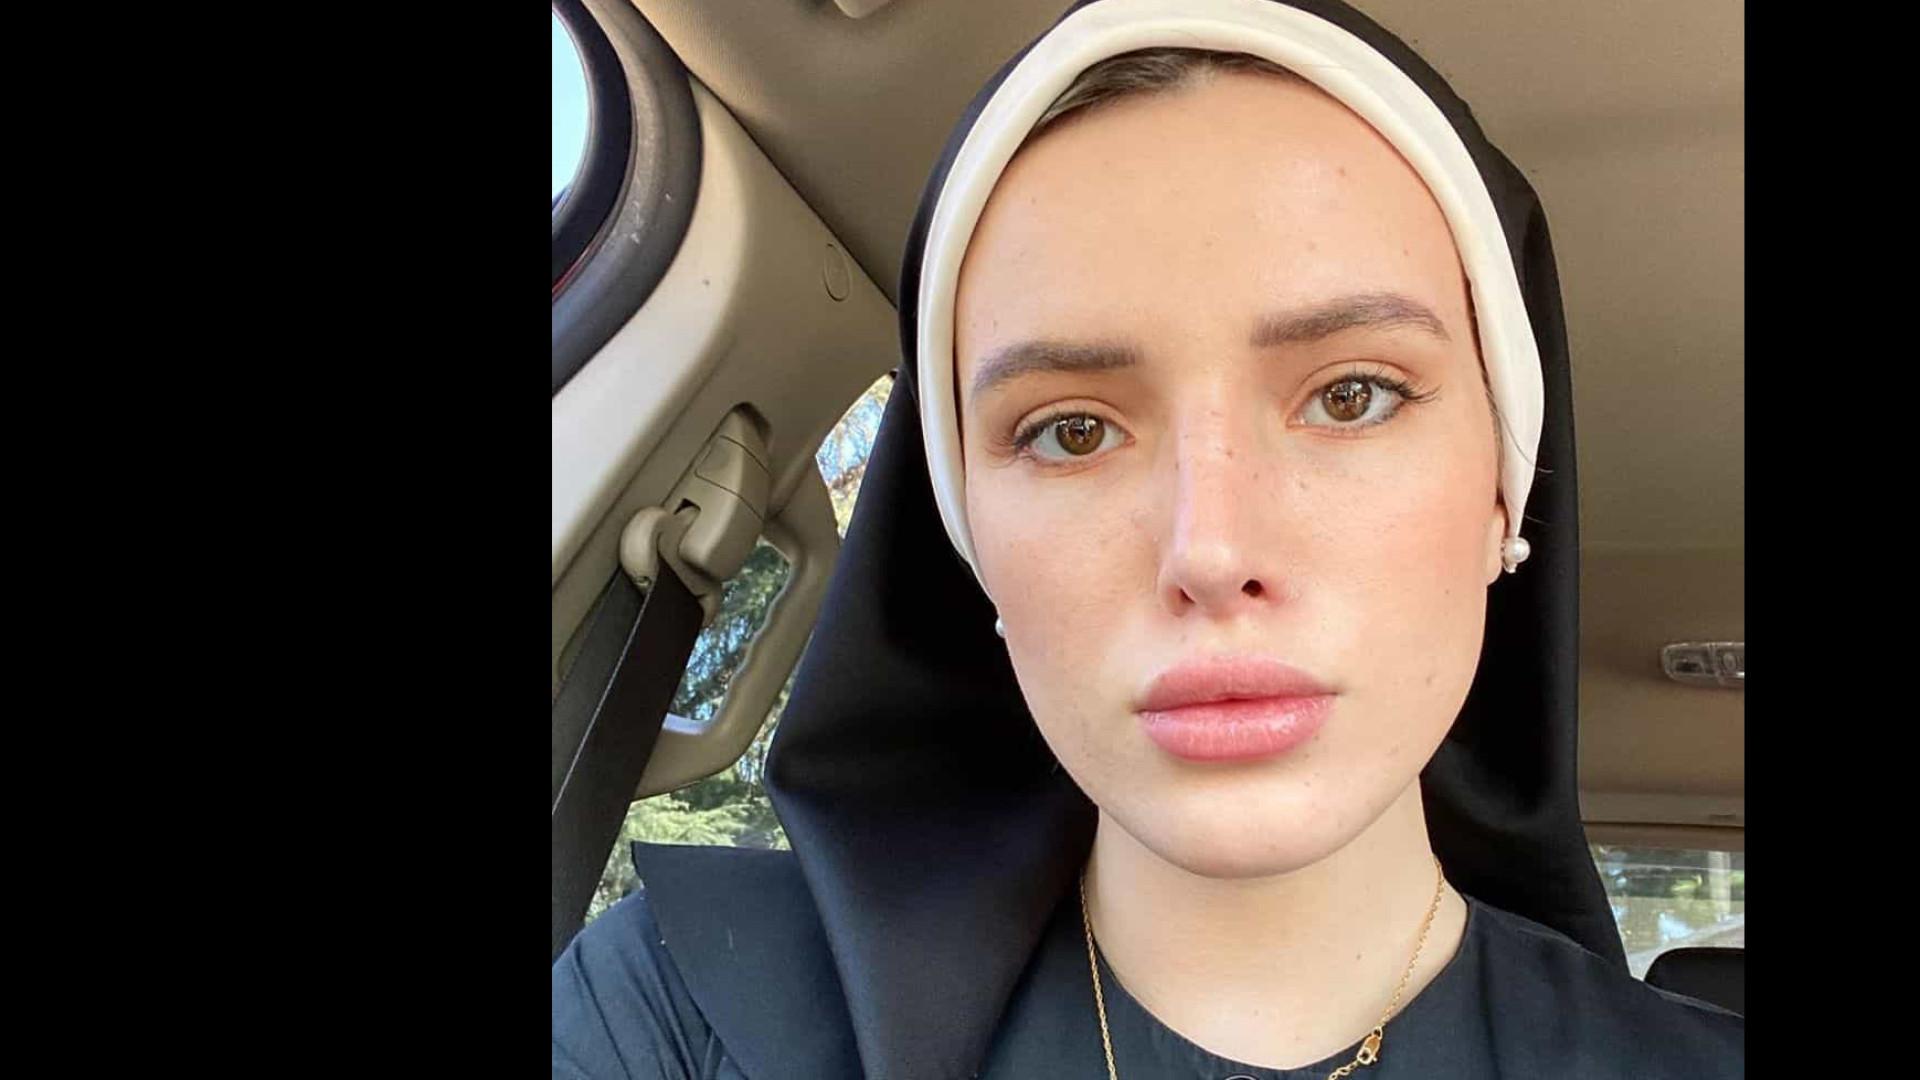 Bella Thorne publica foto de freira e internautas sugerem filme pornô